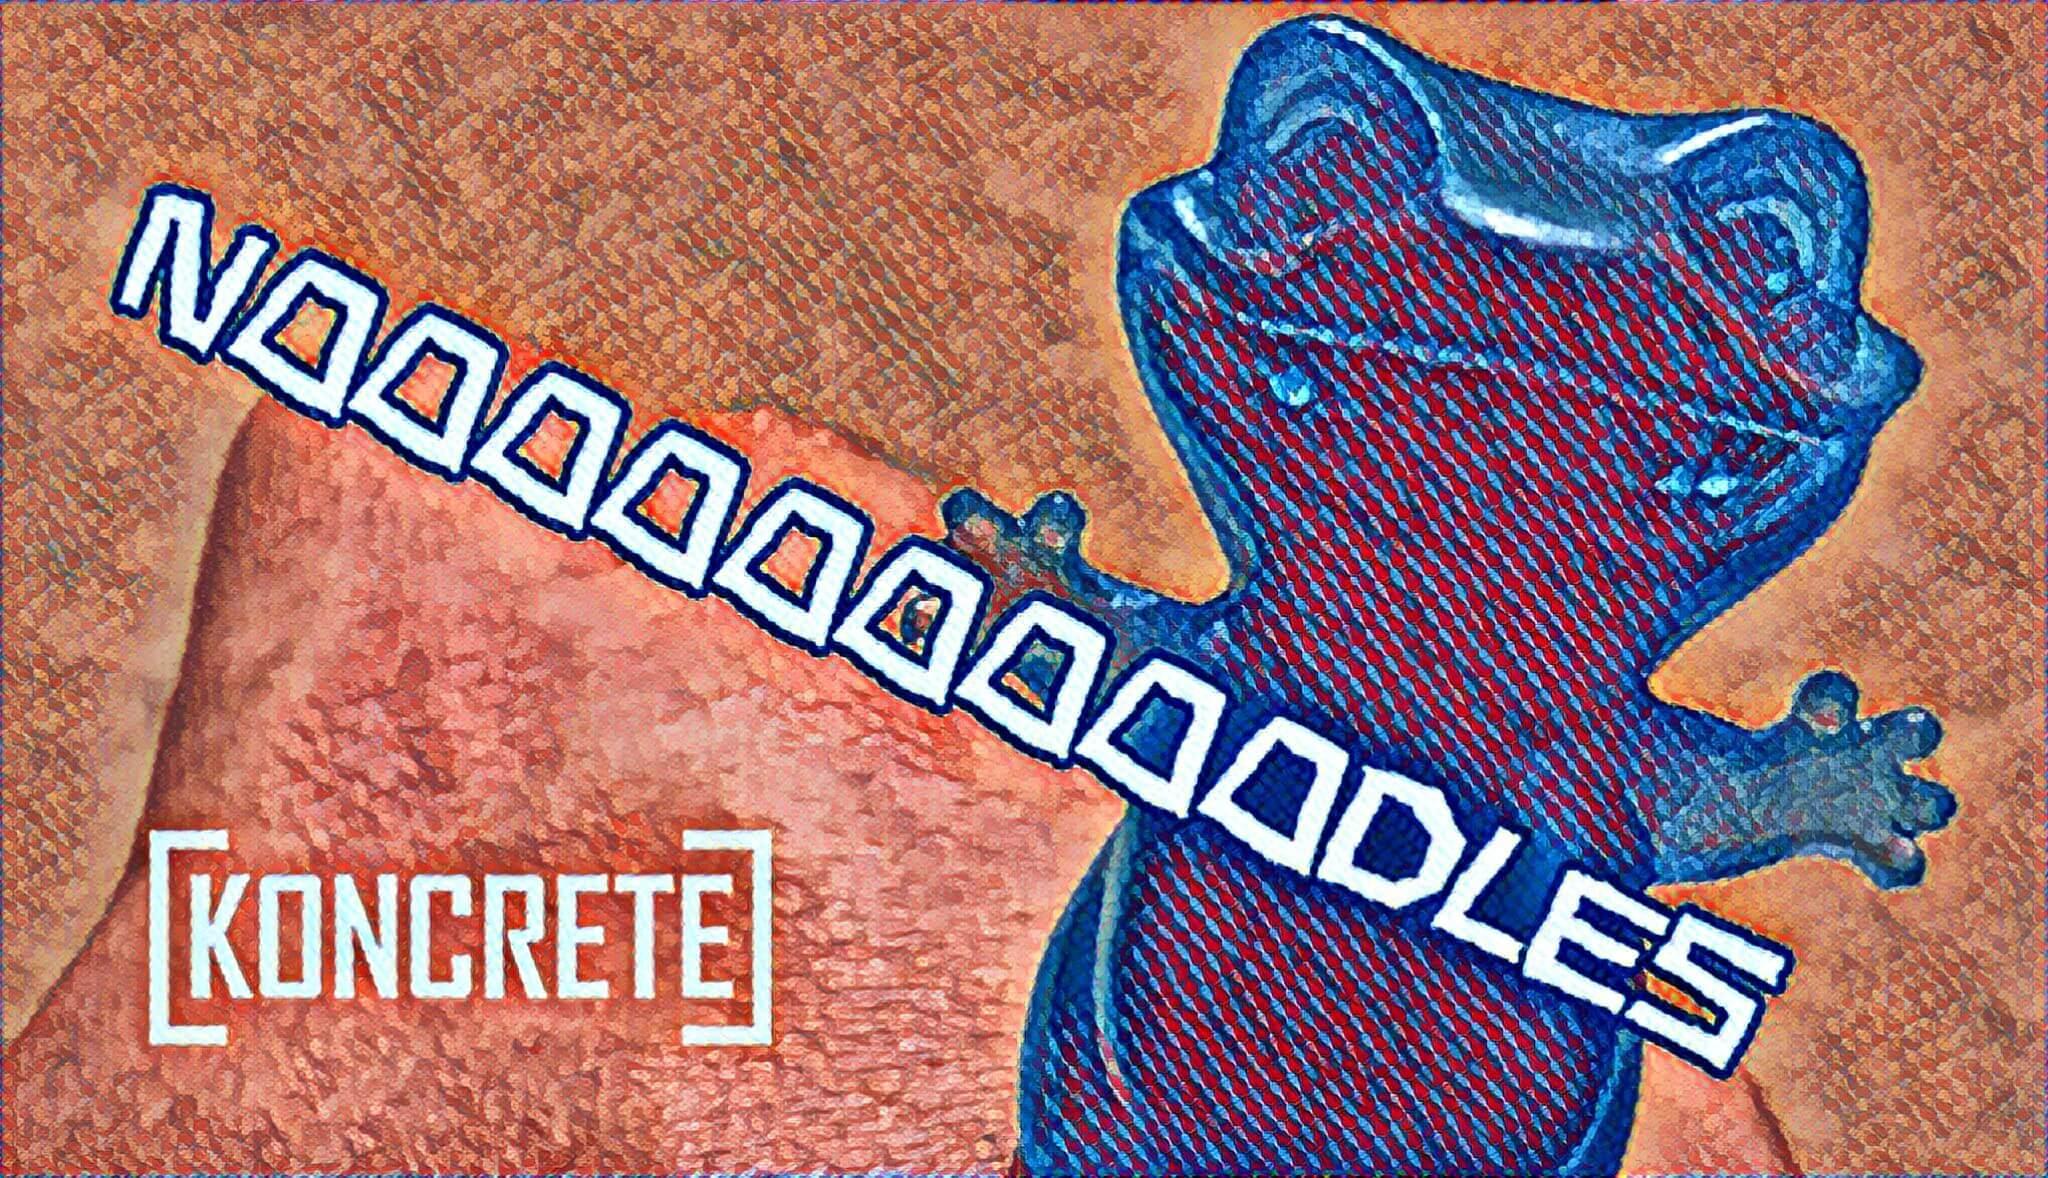 NOODLES-KONCRETE